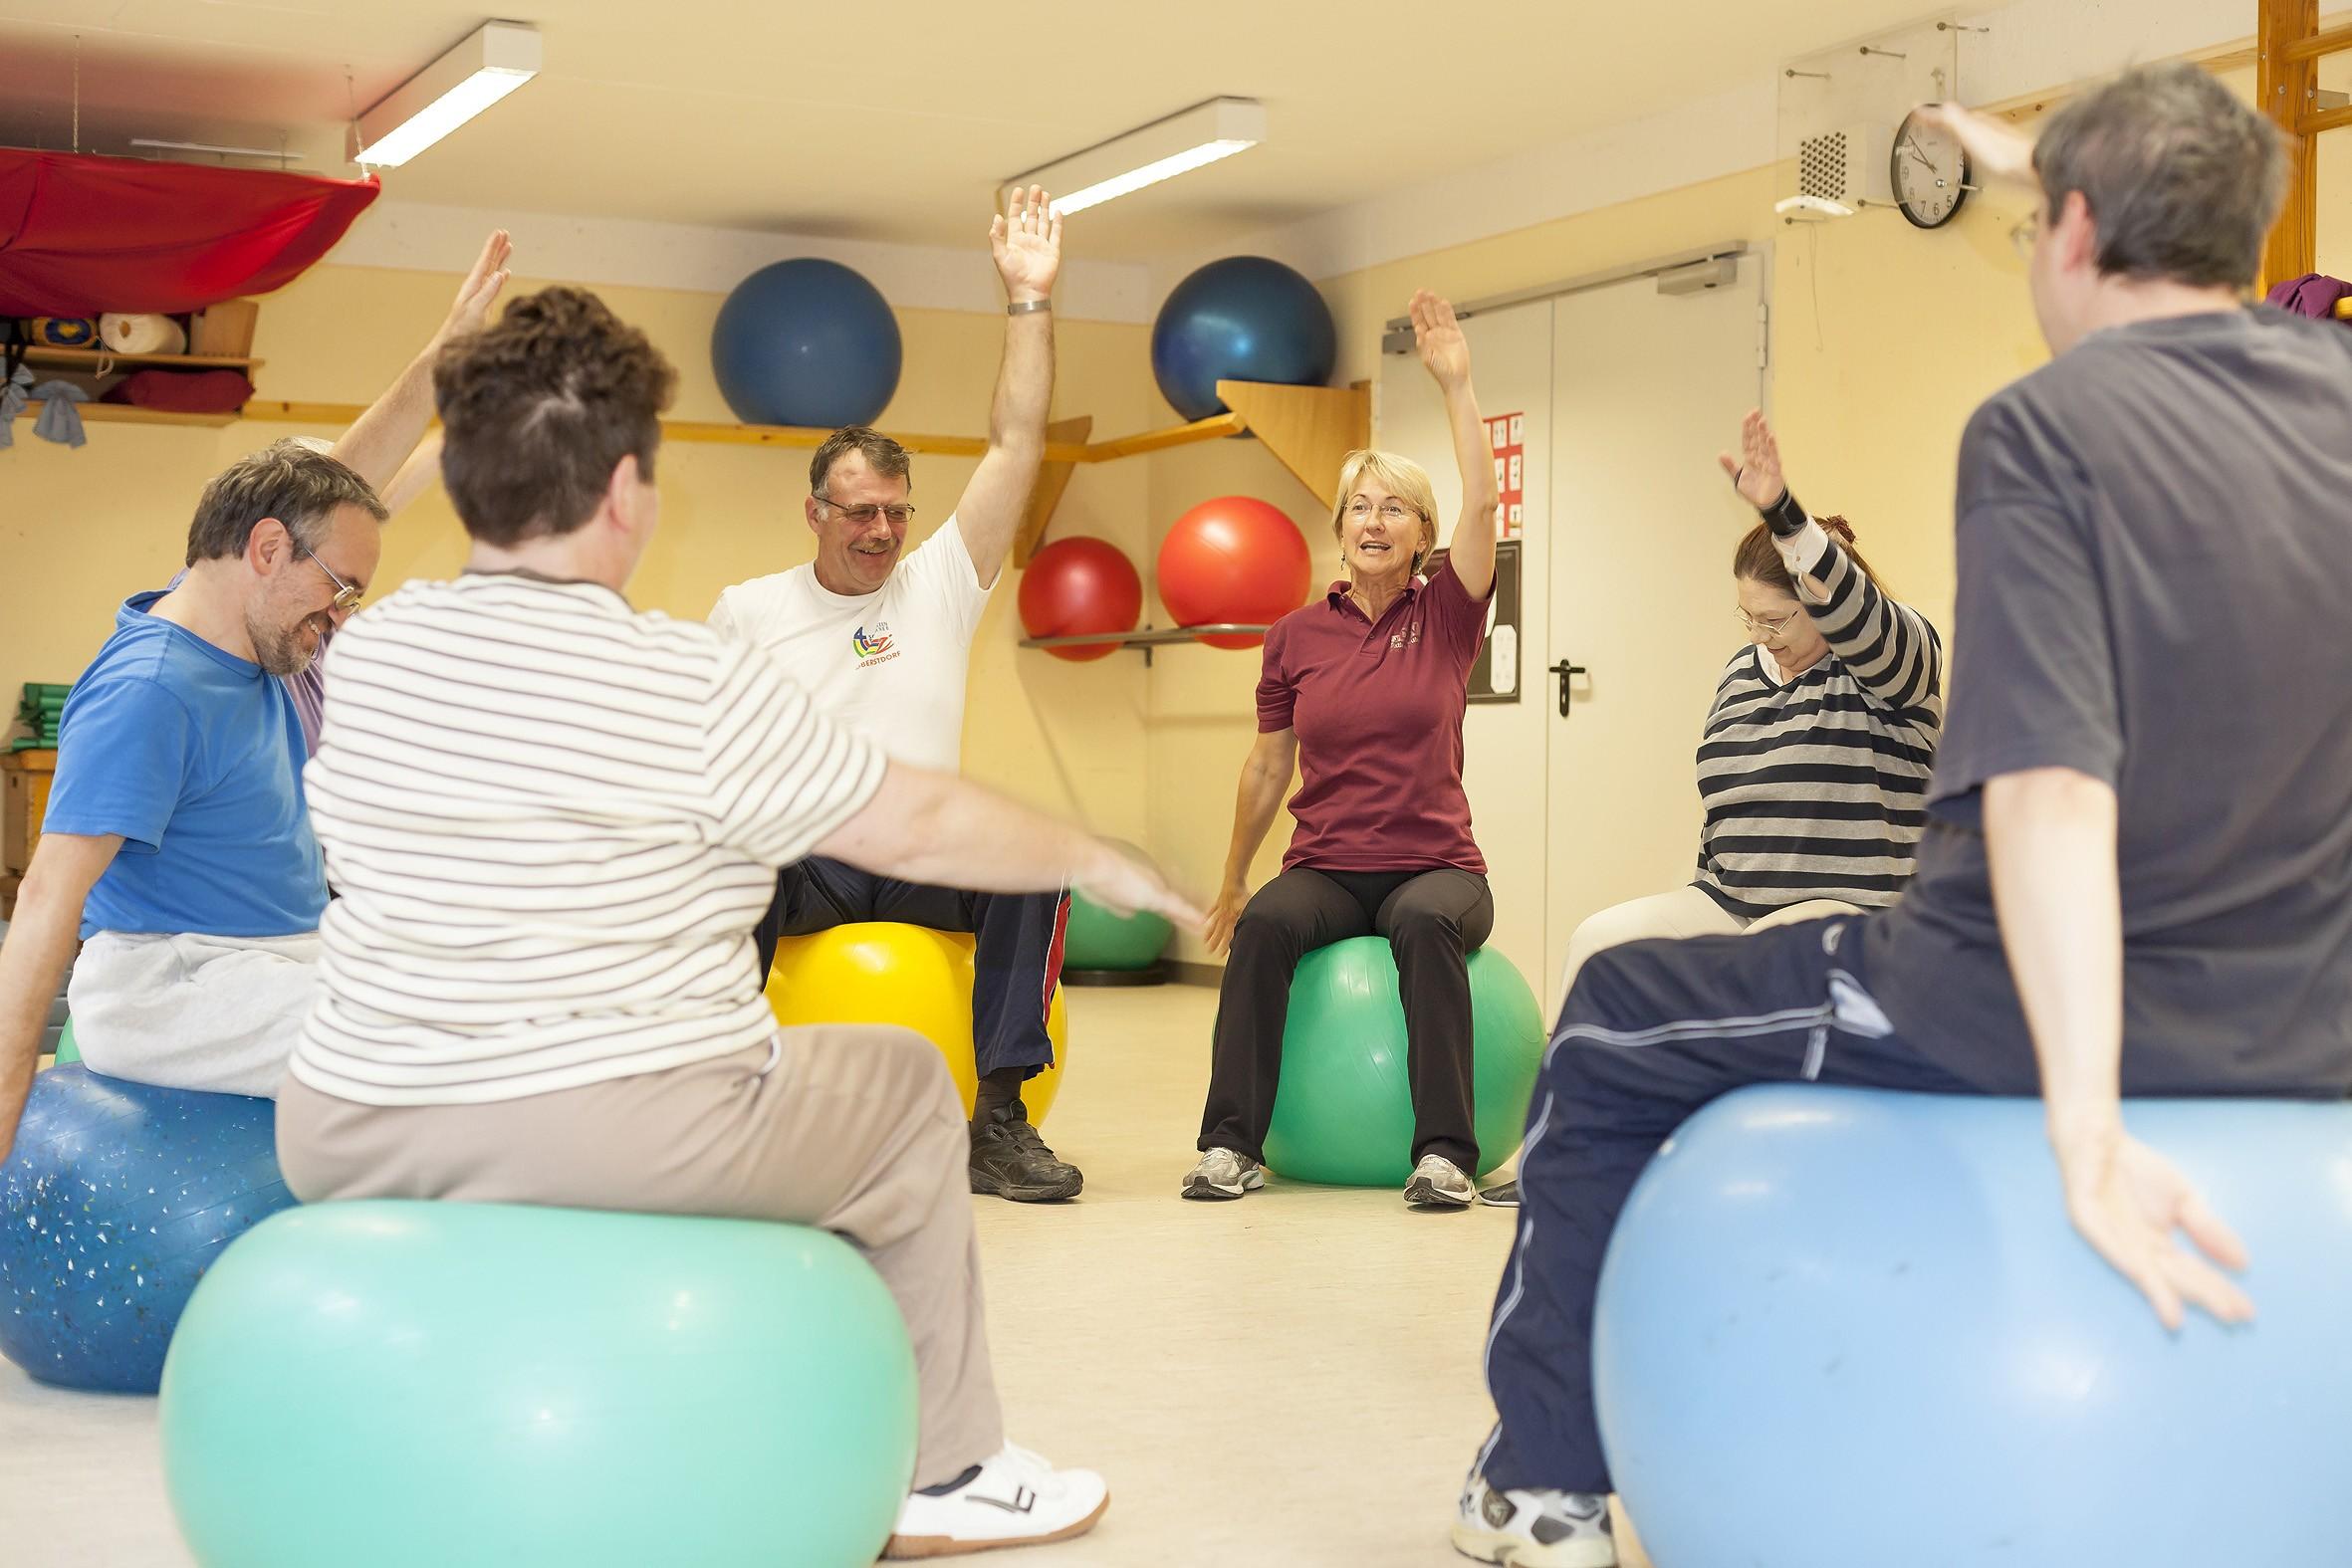 EdelweißClassic | Spendenprojekt 2019: Arbeits-, Rückzugs- und Bewegungsraum für die Lebenshilfe Piding. Standfest + fit Gymnastik